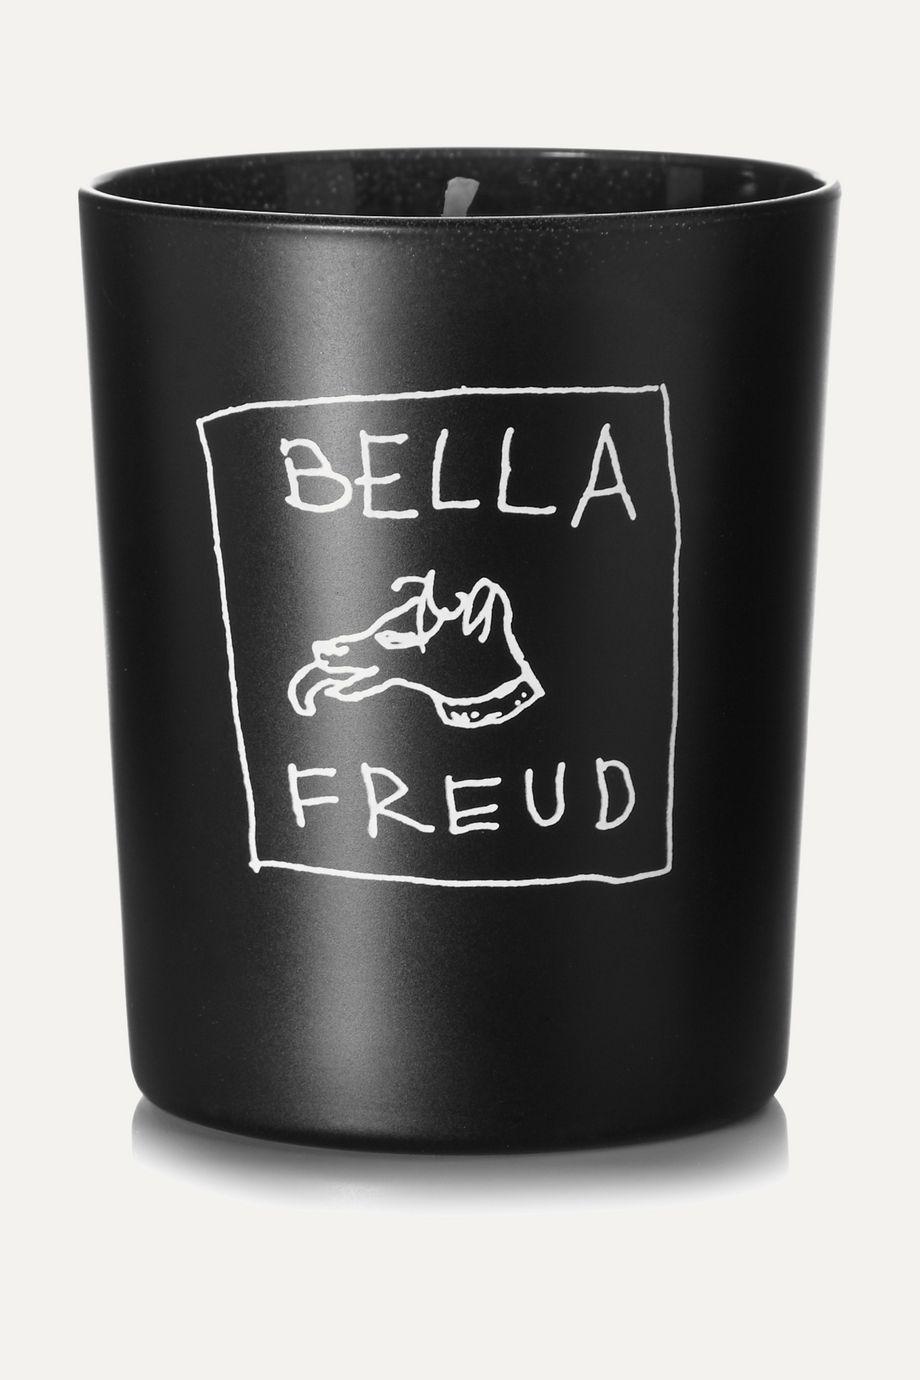 Bella Freud Parfum Signature scented candle, 180g